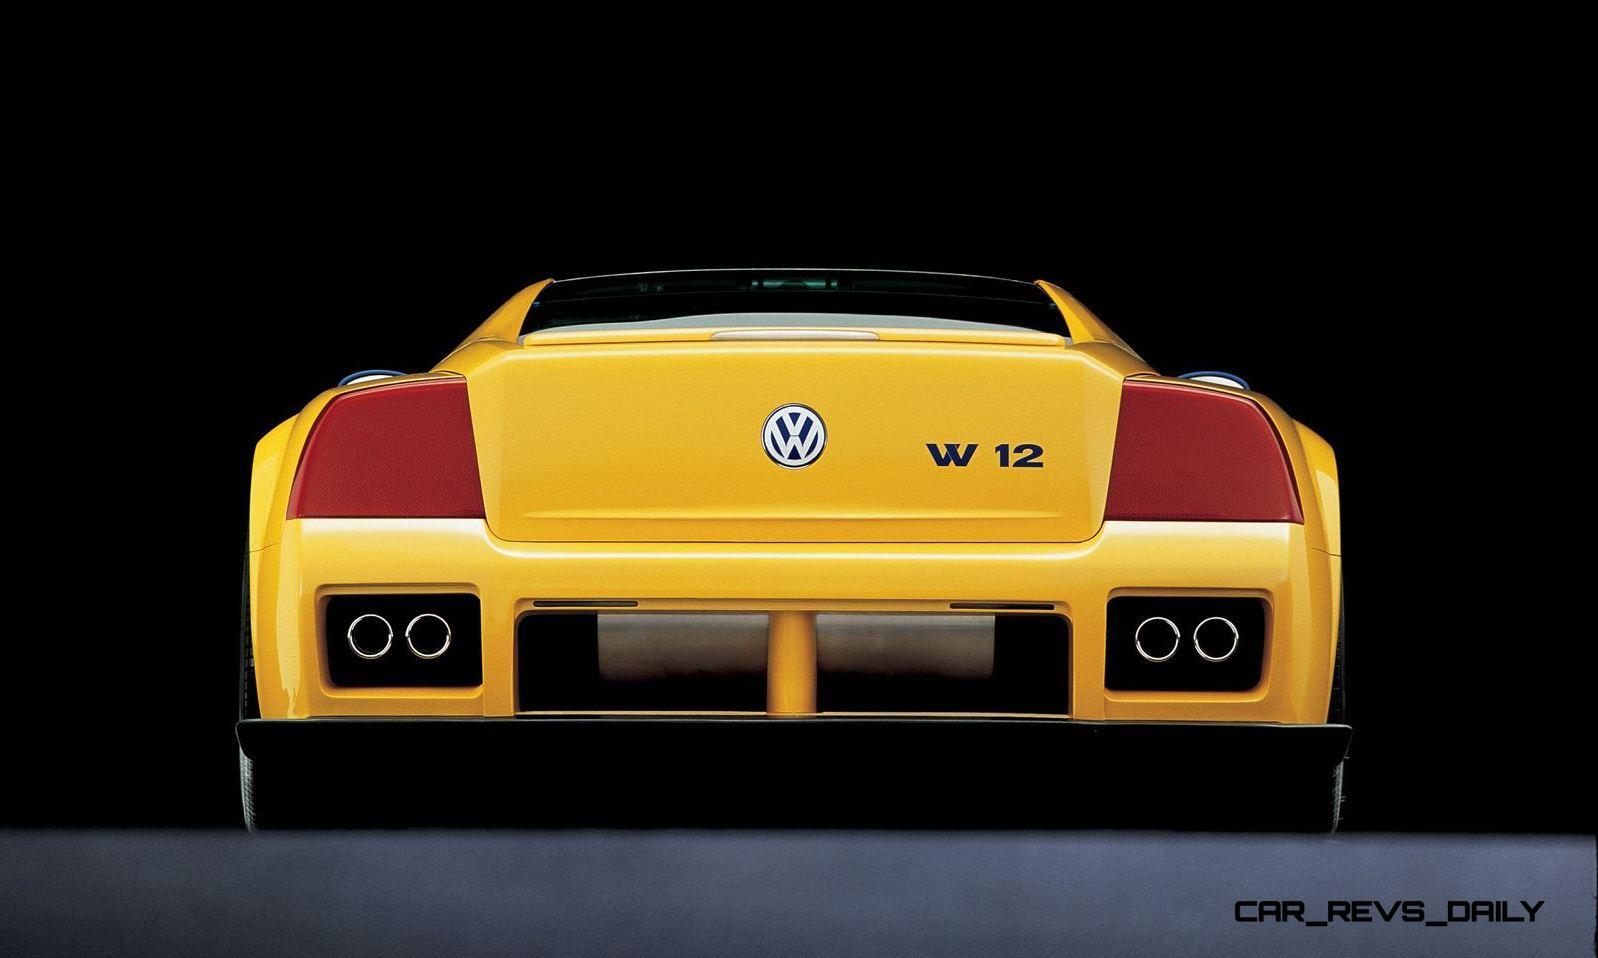 1997-Volkswagen-W12-SYNCHRO-5